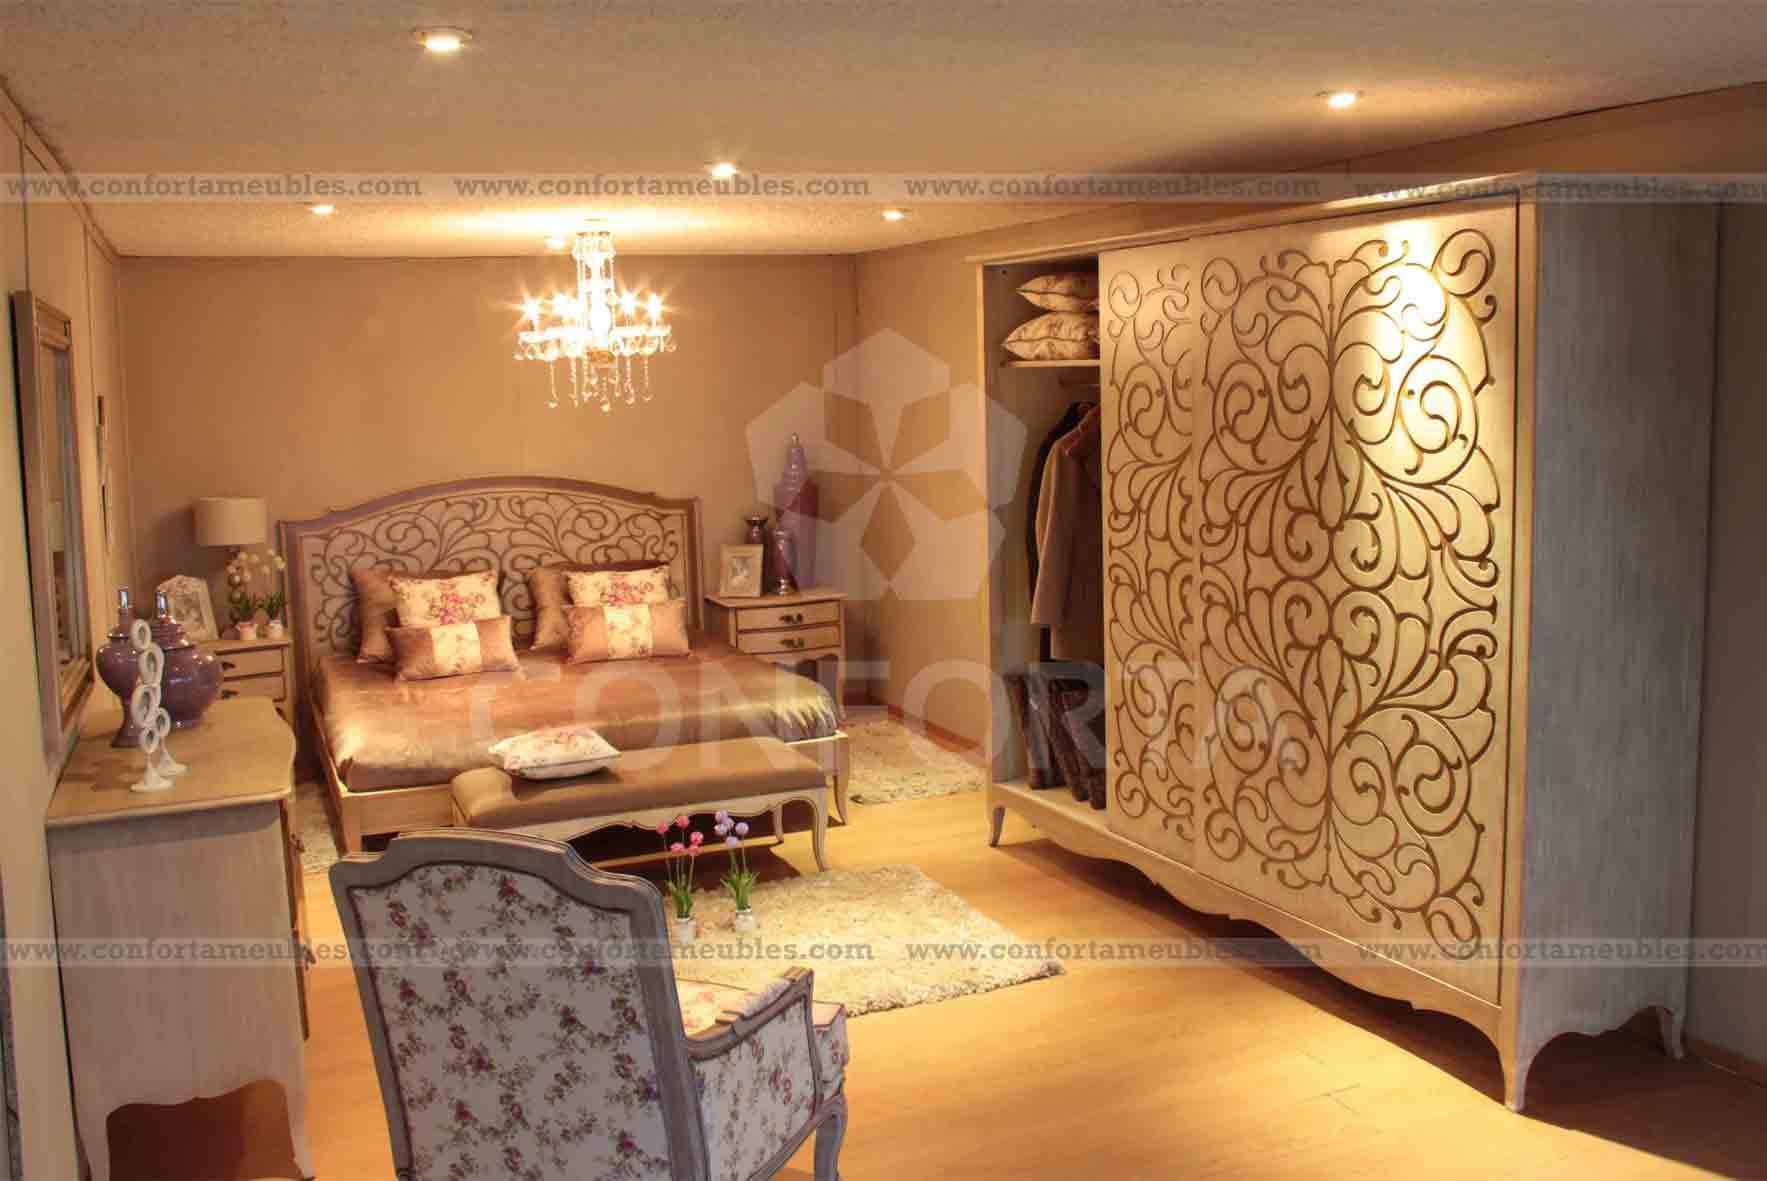 Chambres coucher tunisie meubles et d coration tunisie for Meubles chambres a coucher